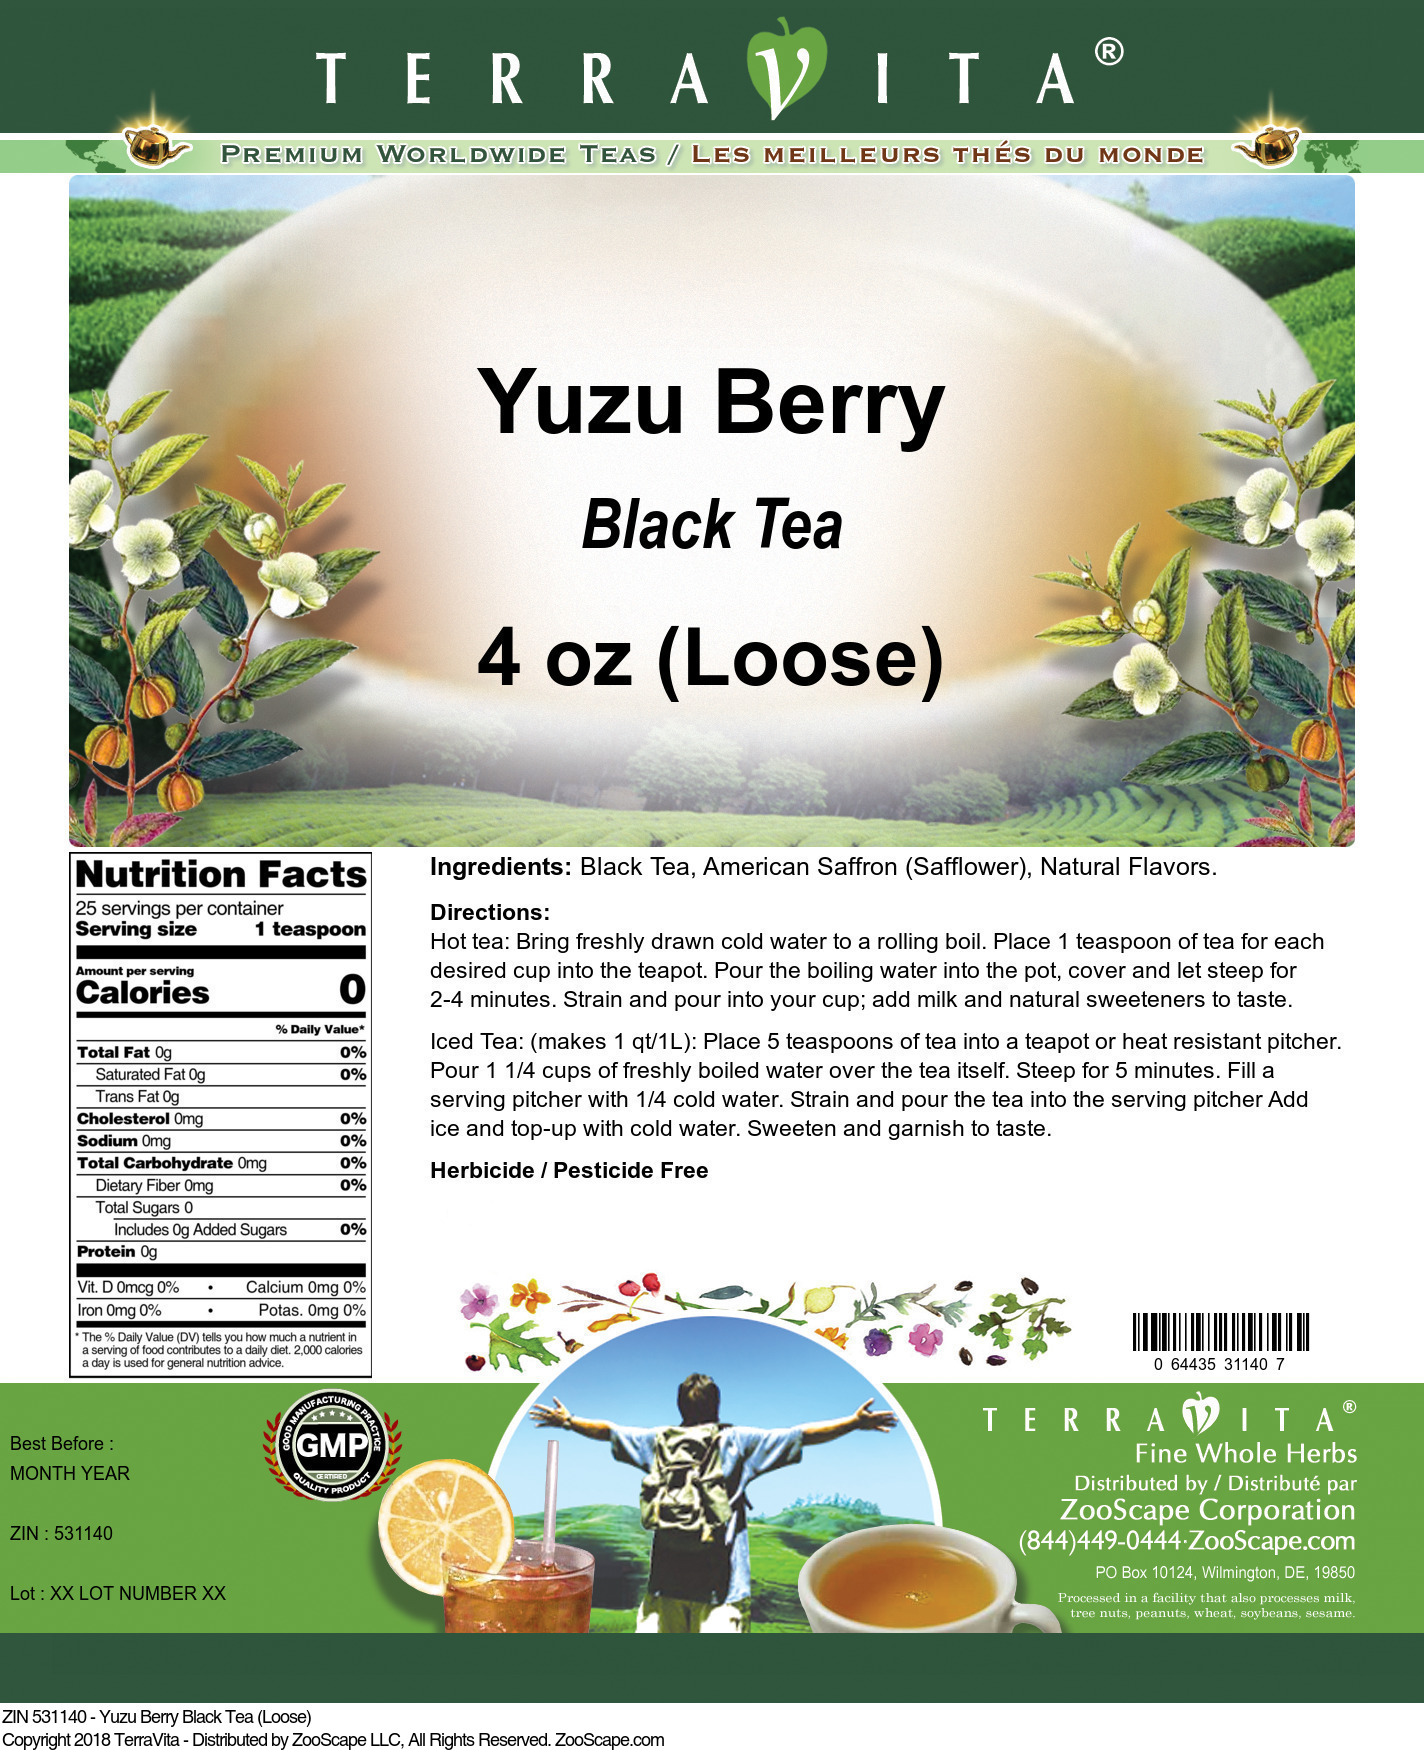 Yuzu Berry Black Tea